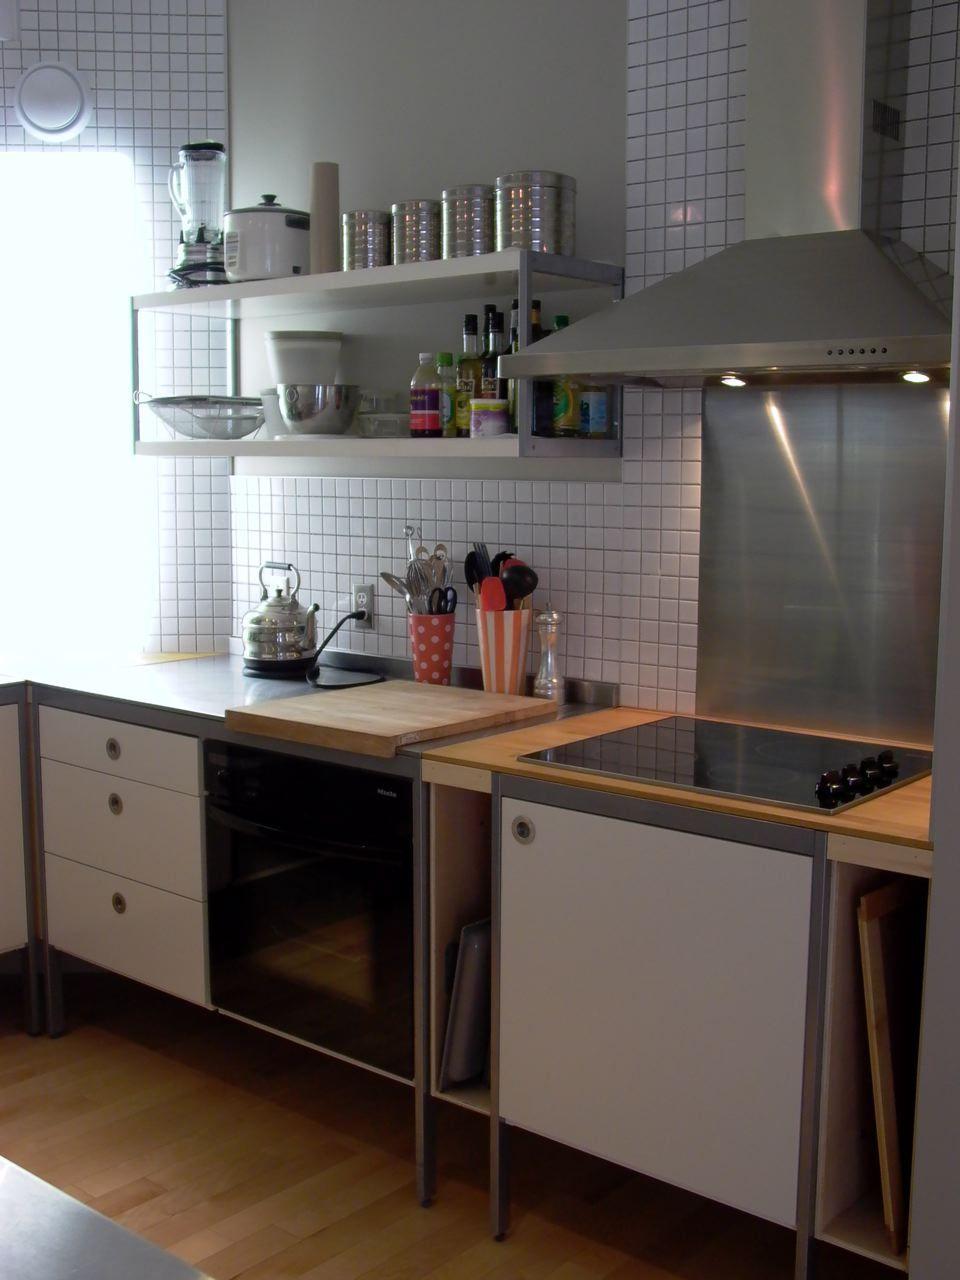 Full Size of Udden Modular Kitchen Ikea Betten 160x200 Bei Miniküche Küche Kosten Küchen Regal Kaufen Sofa Mit Schlaffunktion Modulküche Wohnzimmer Ikea Küchen Hacks